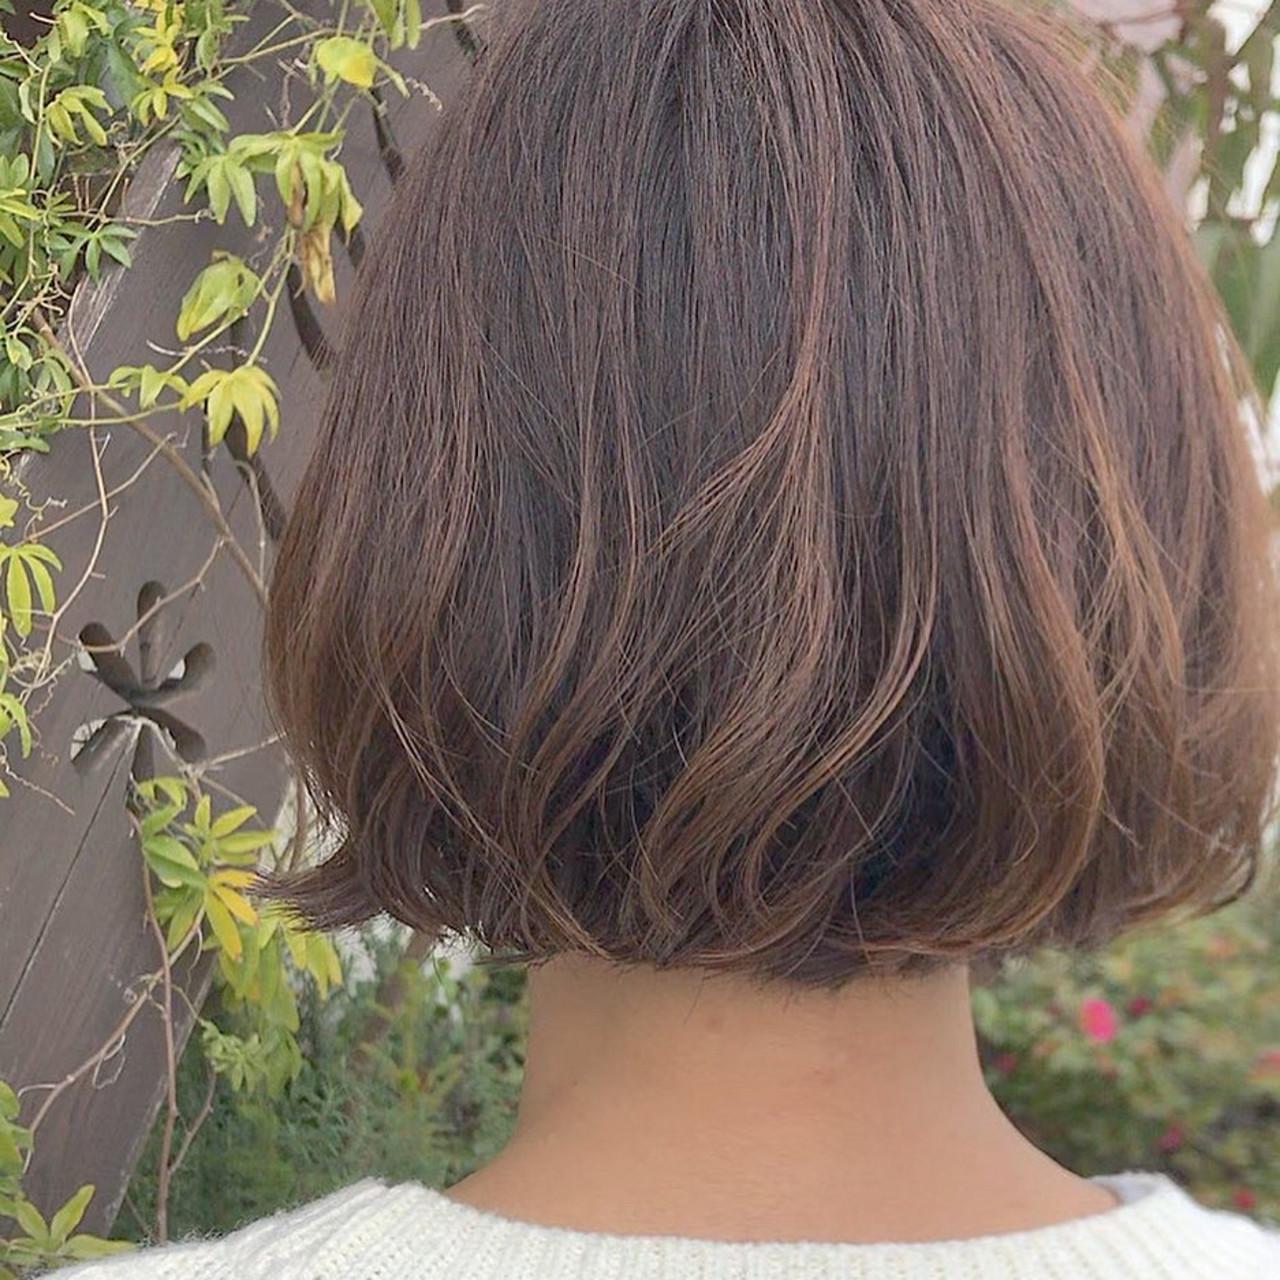 モテボブ まとまるボブ ナチュラル 毛先パーマヘアスタイルや髪型の写真・画像